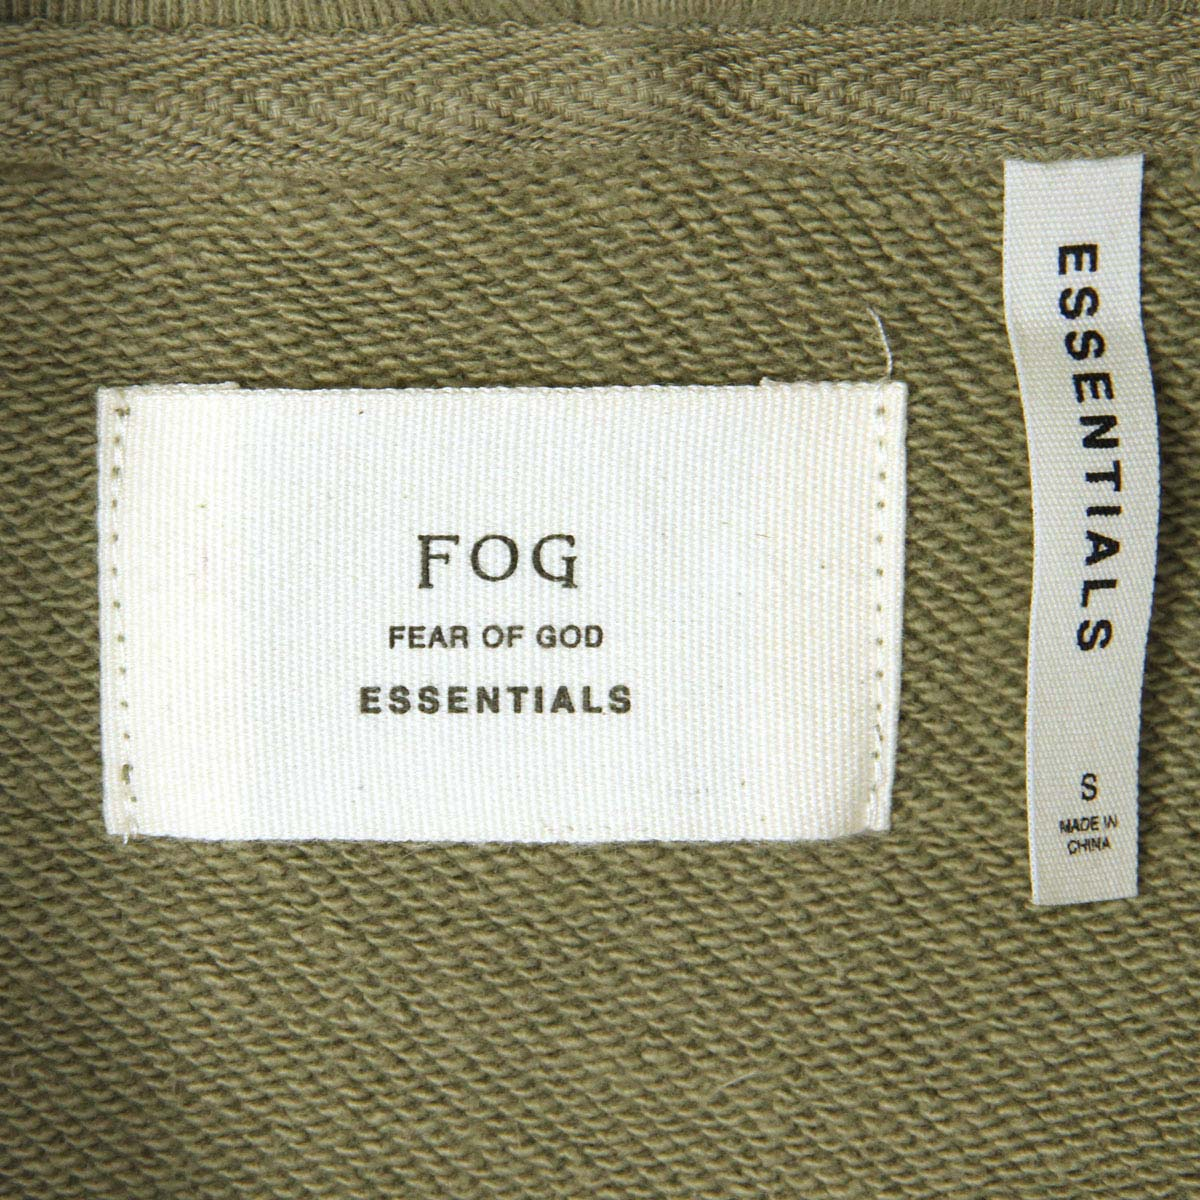 フィアオブゴッド パーカー メンズ 正規品 FEAR OF GOD プルオーバーパーカー  FOG - FEAR OF GOD ESSENTIALS PULLOVER HOODIE SILVER SAGE AA5B B1C C1D D5E E05F